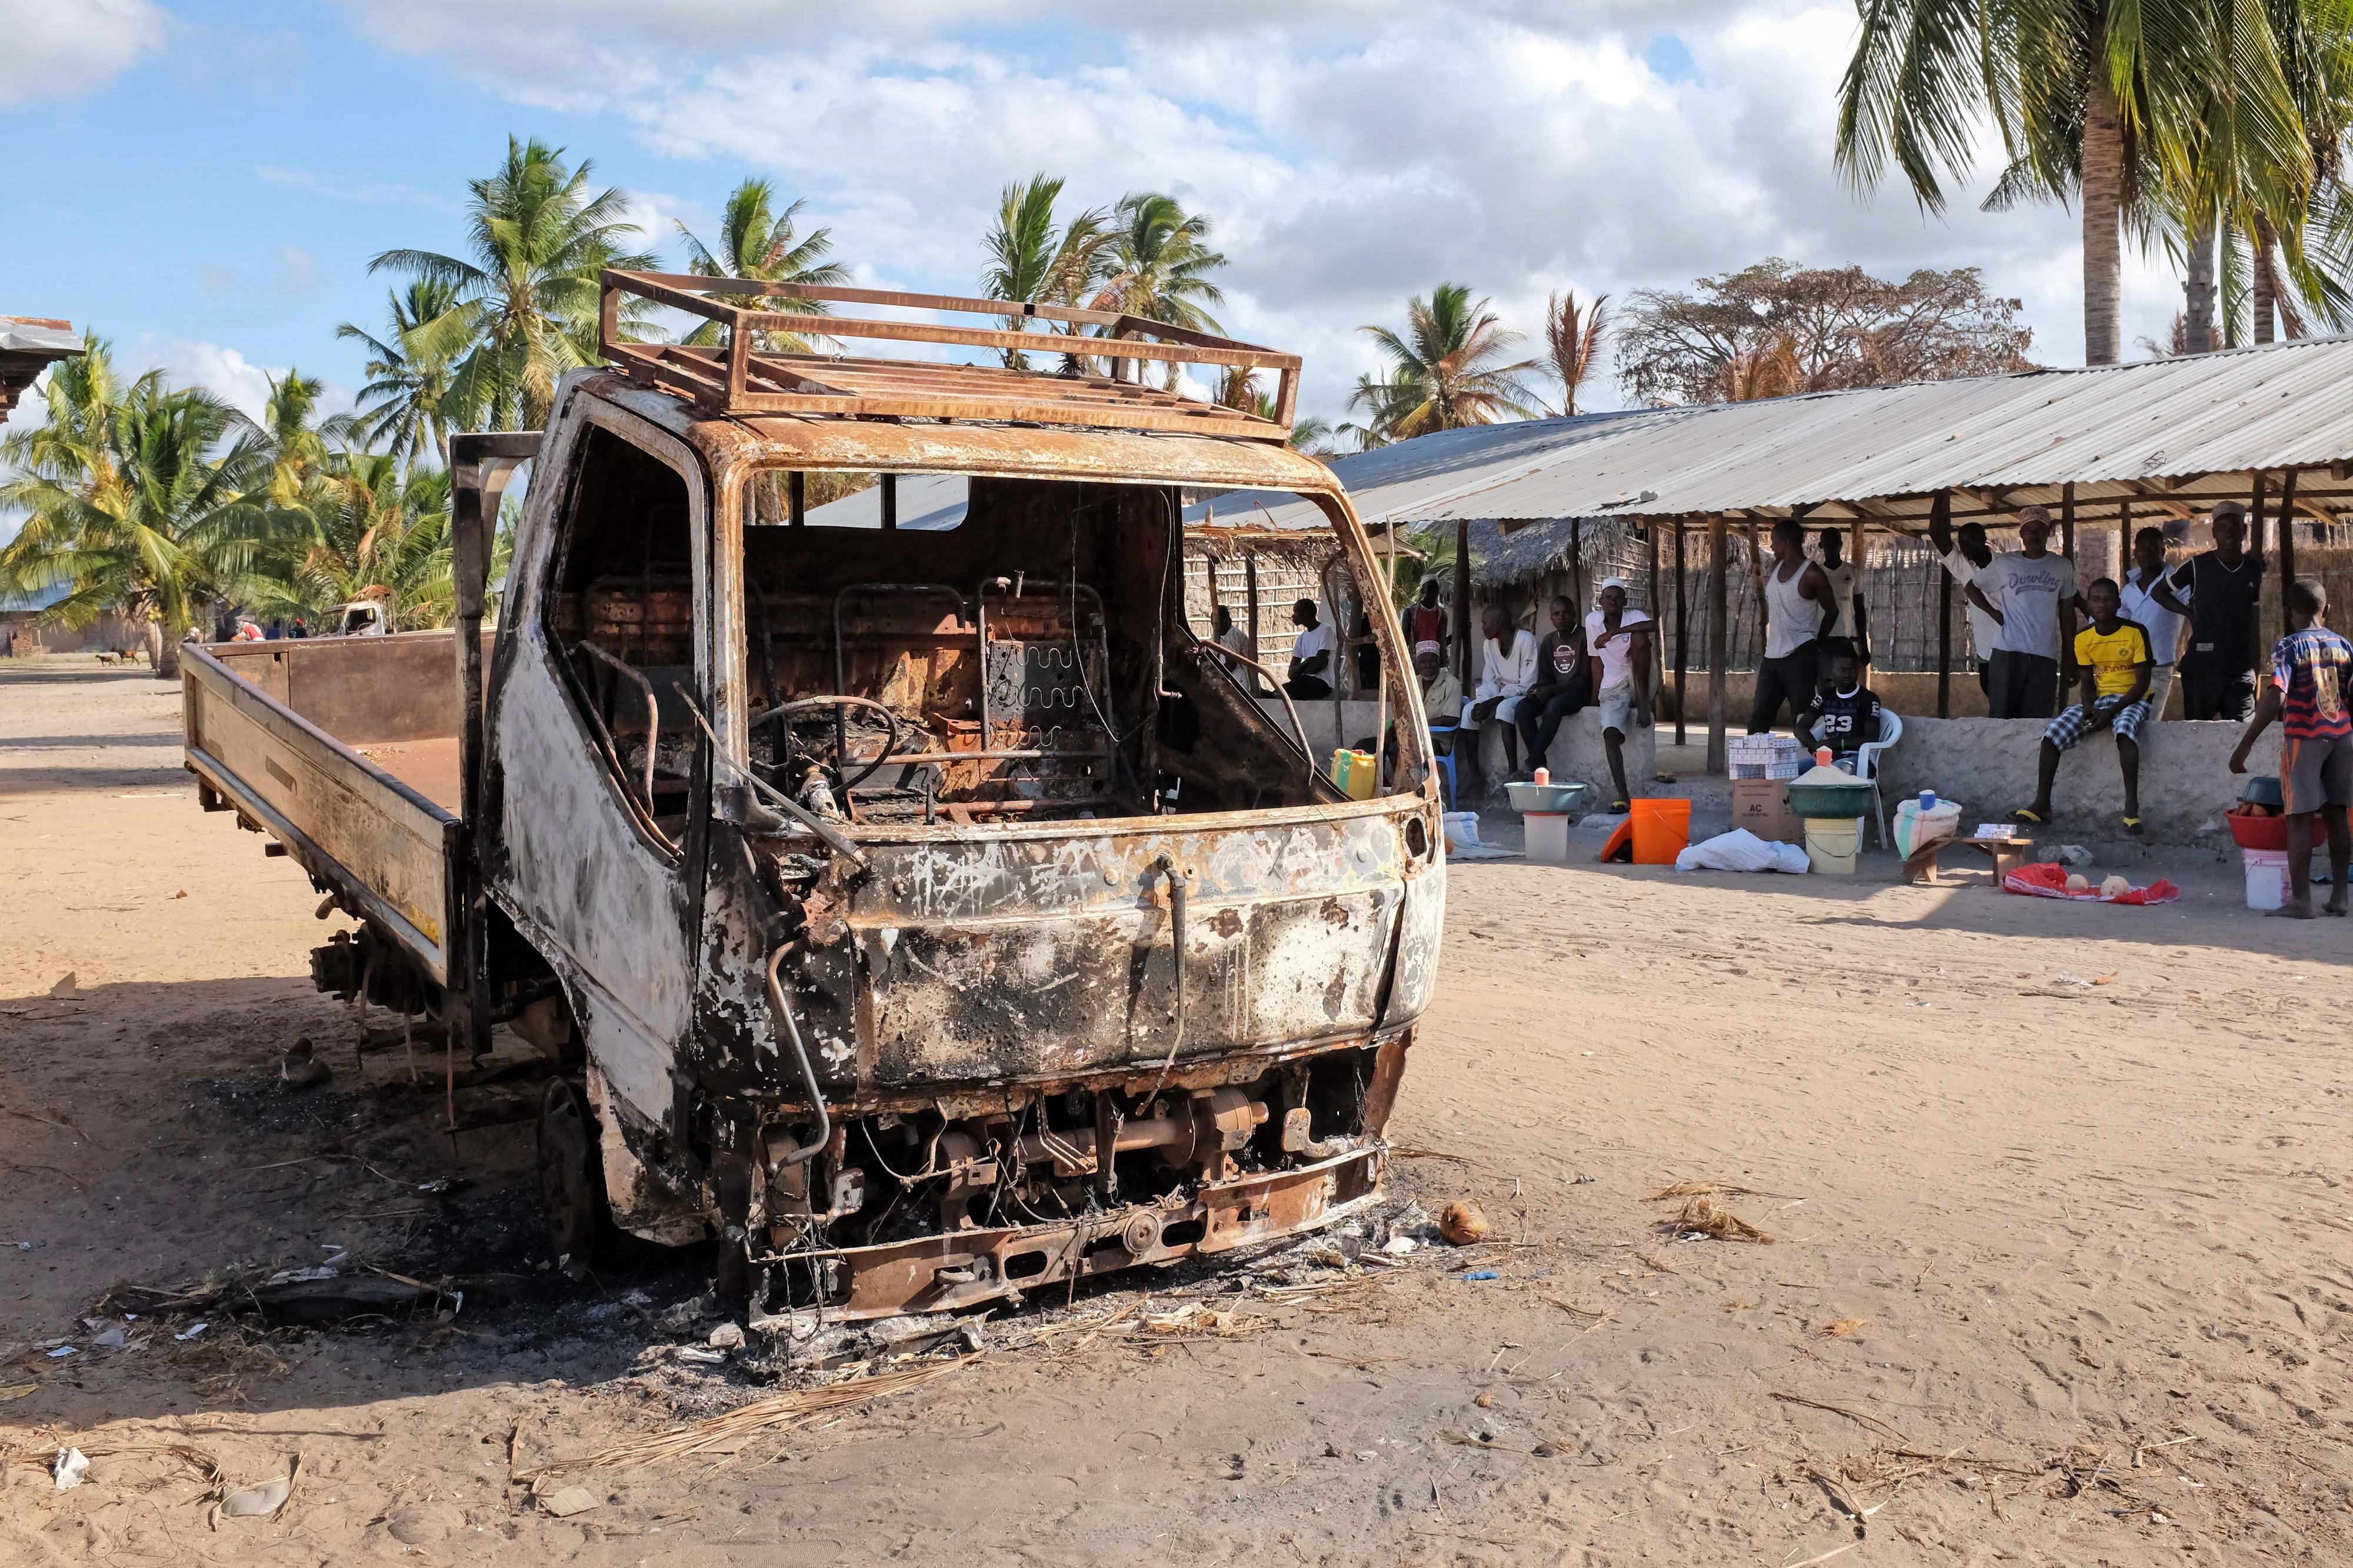 Tribunal condena 37 dos 189 acusados de violência em Cabo Delgado